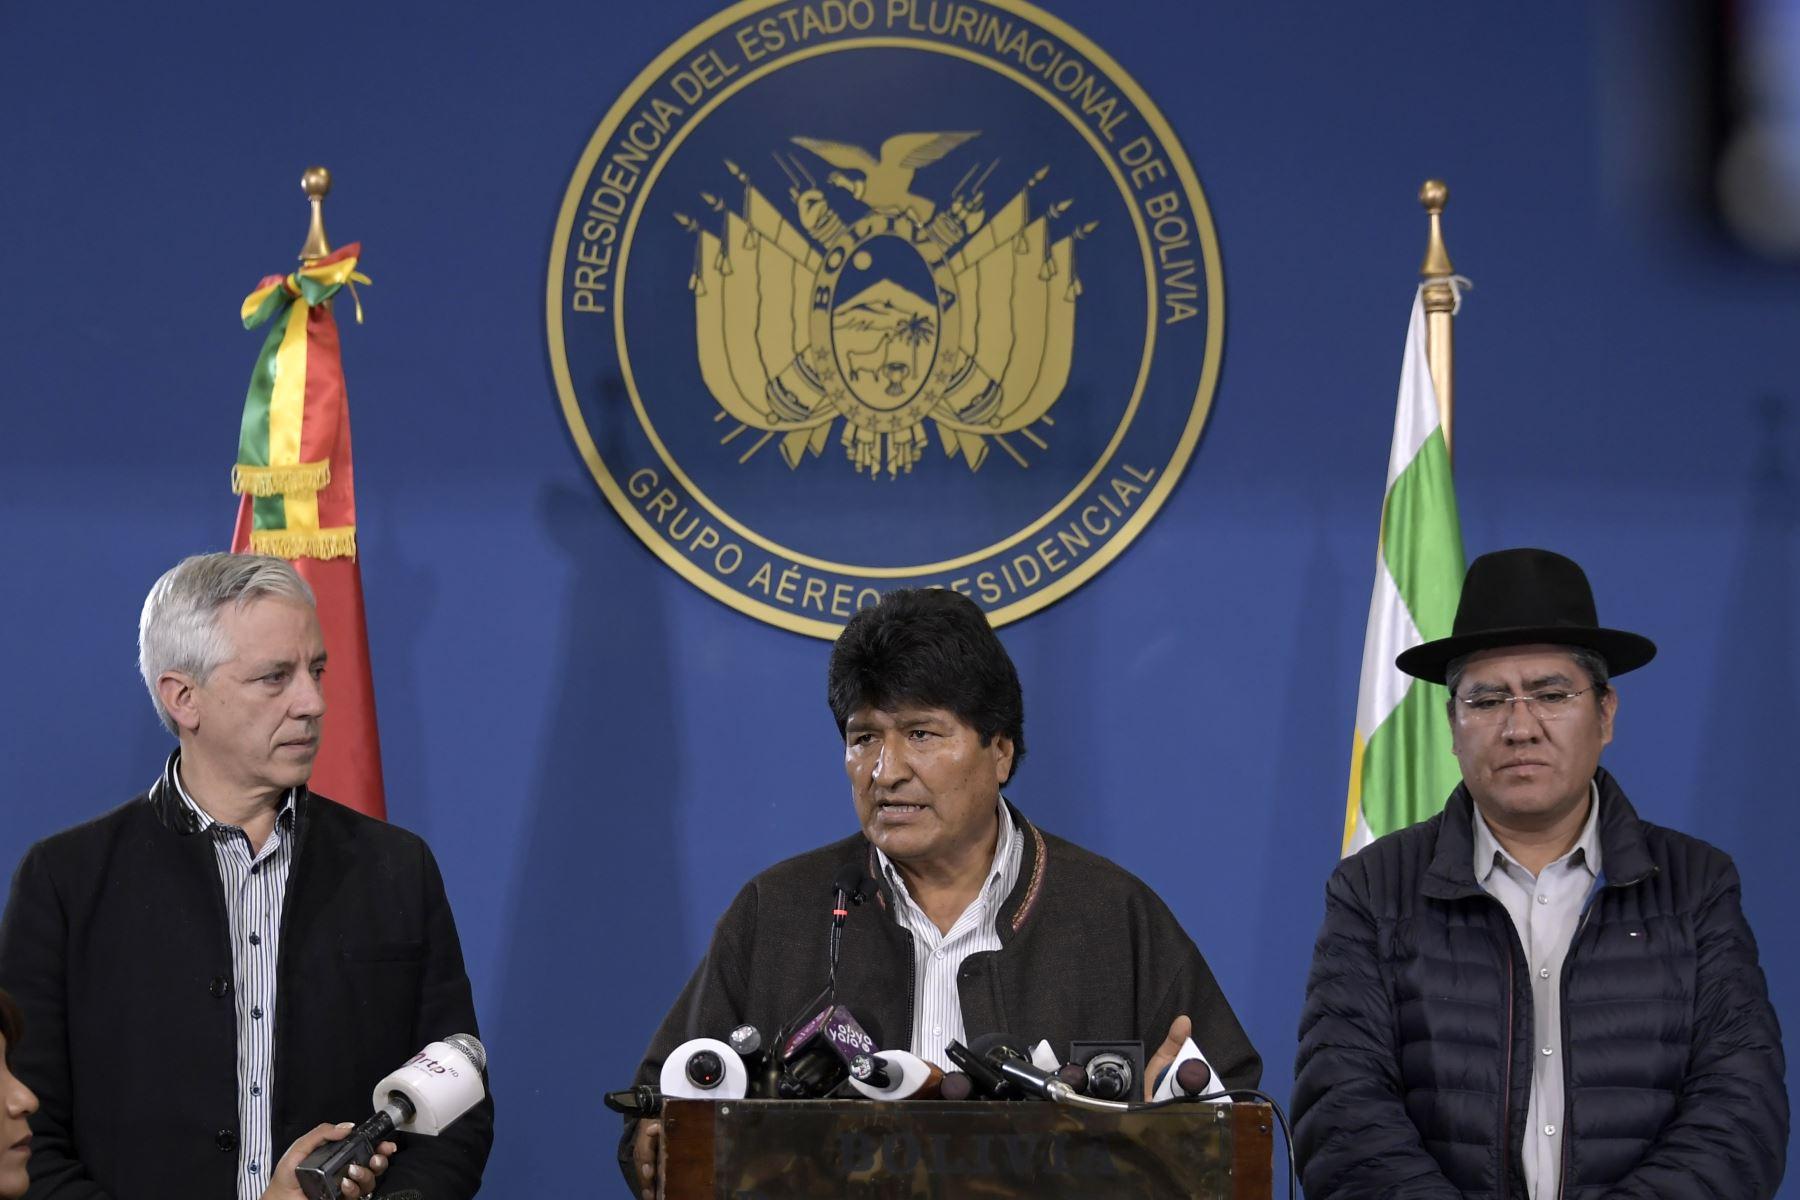 En esta imagen de archivo tomada el 9 de noviembre de 2019, publicada por la Presidencia boliviana, el presidente boliviano Evo Morales habla durante una conferencia de prensa junto a su vicepresidente Álvaro García Linera (L) y su canciller Diego Pary en El Alto. Foto: AFP